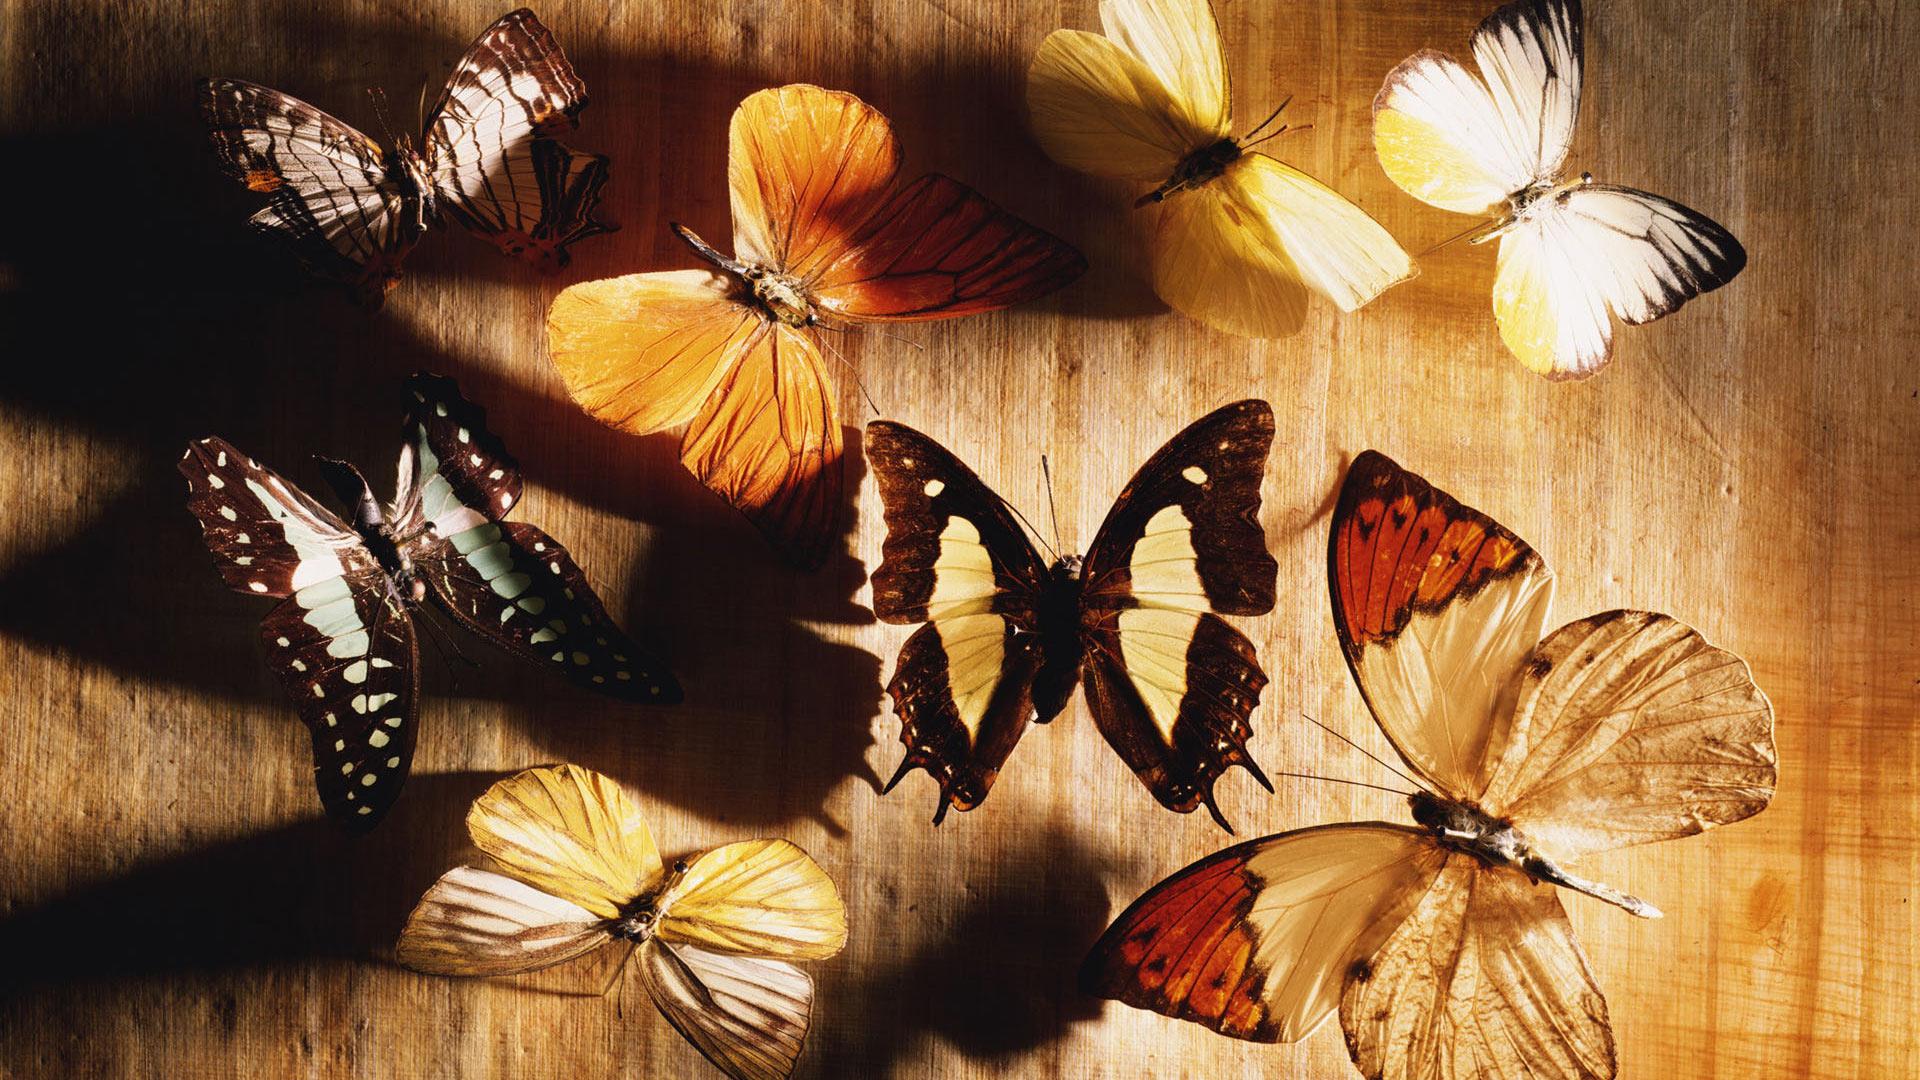 Обои коллекция бабочек для рабочего